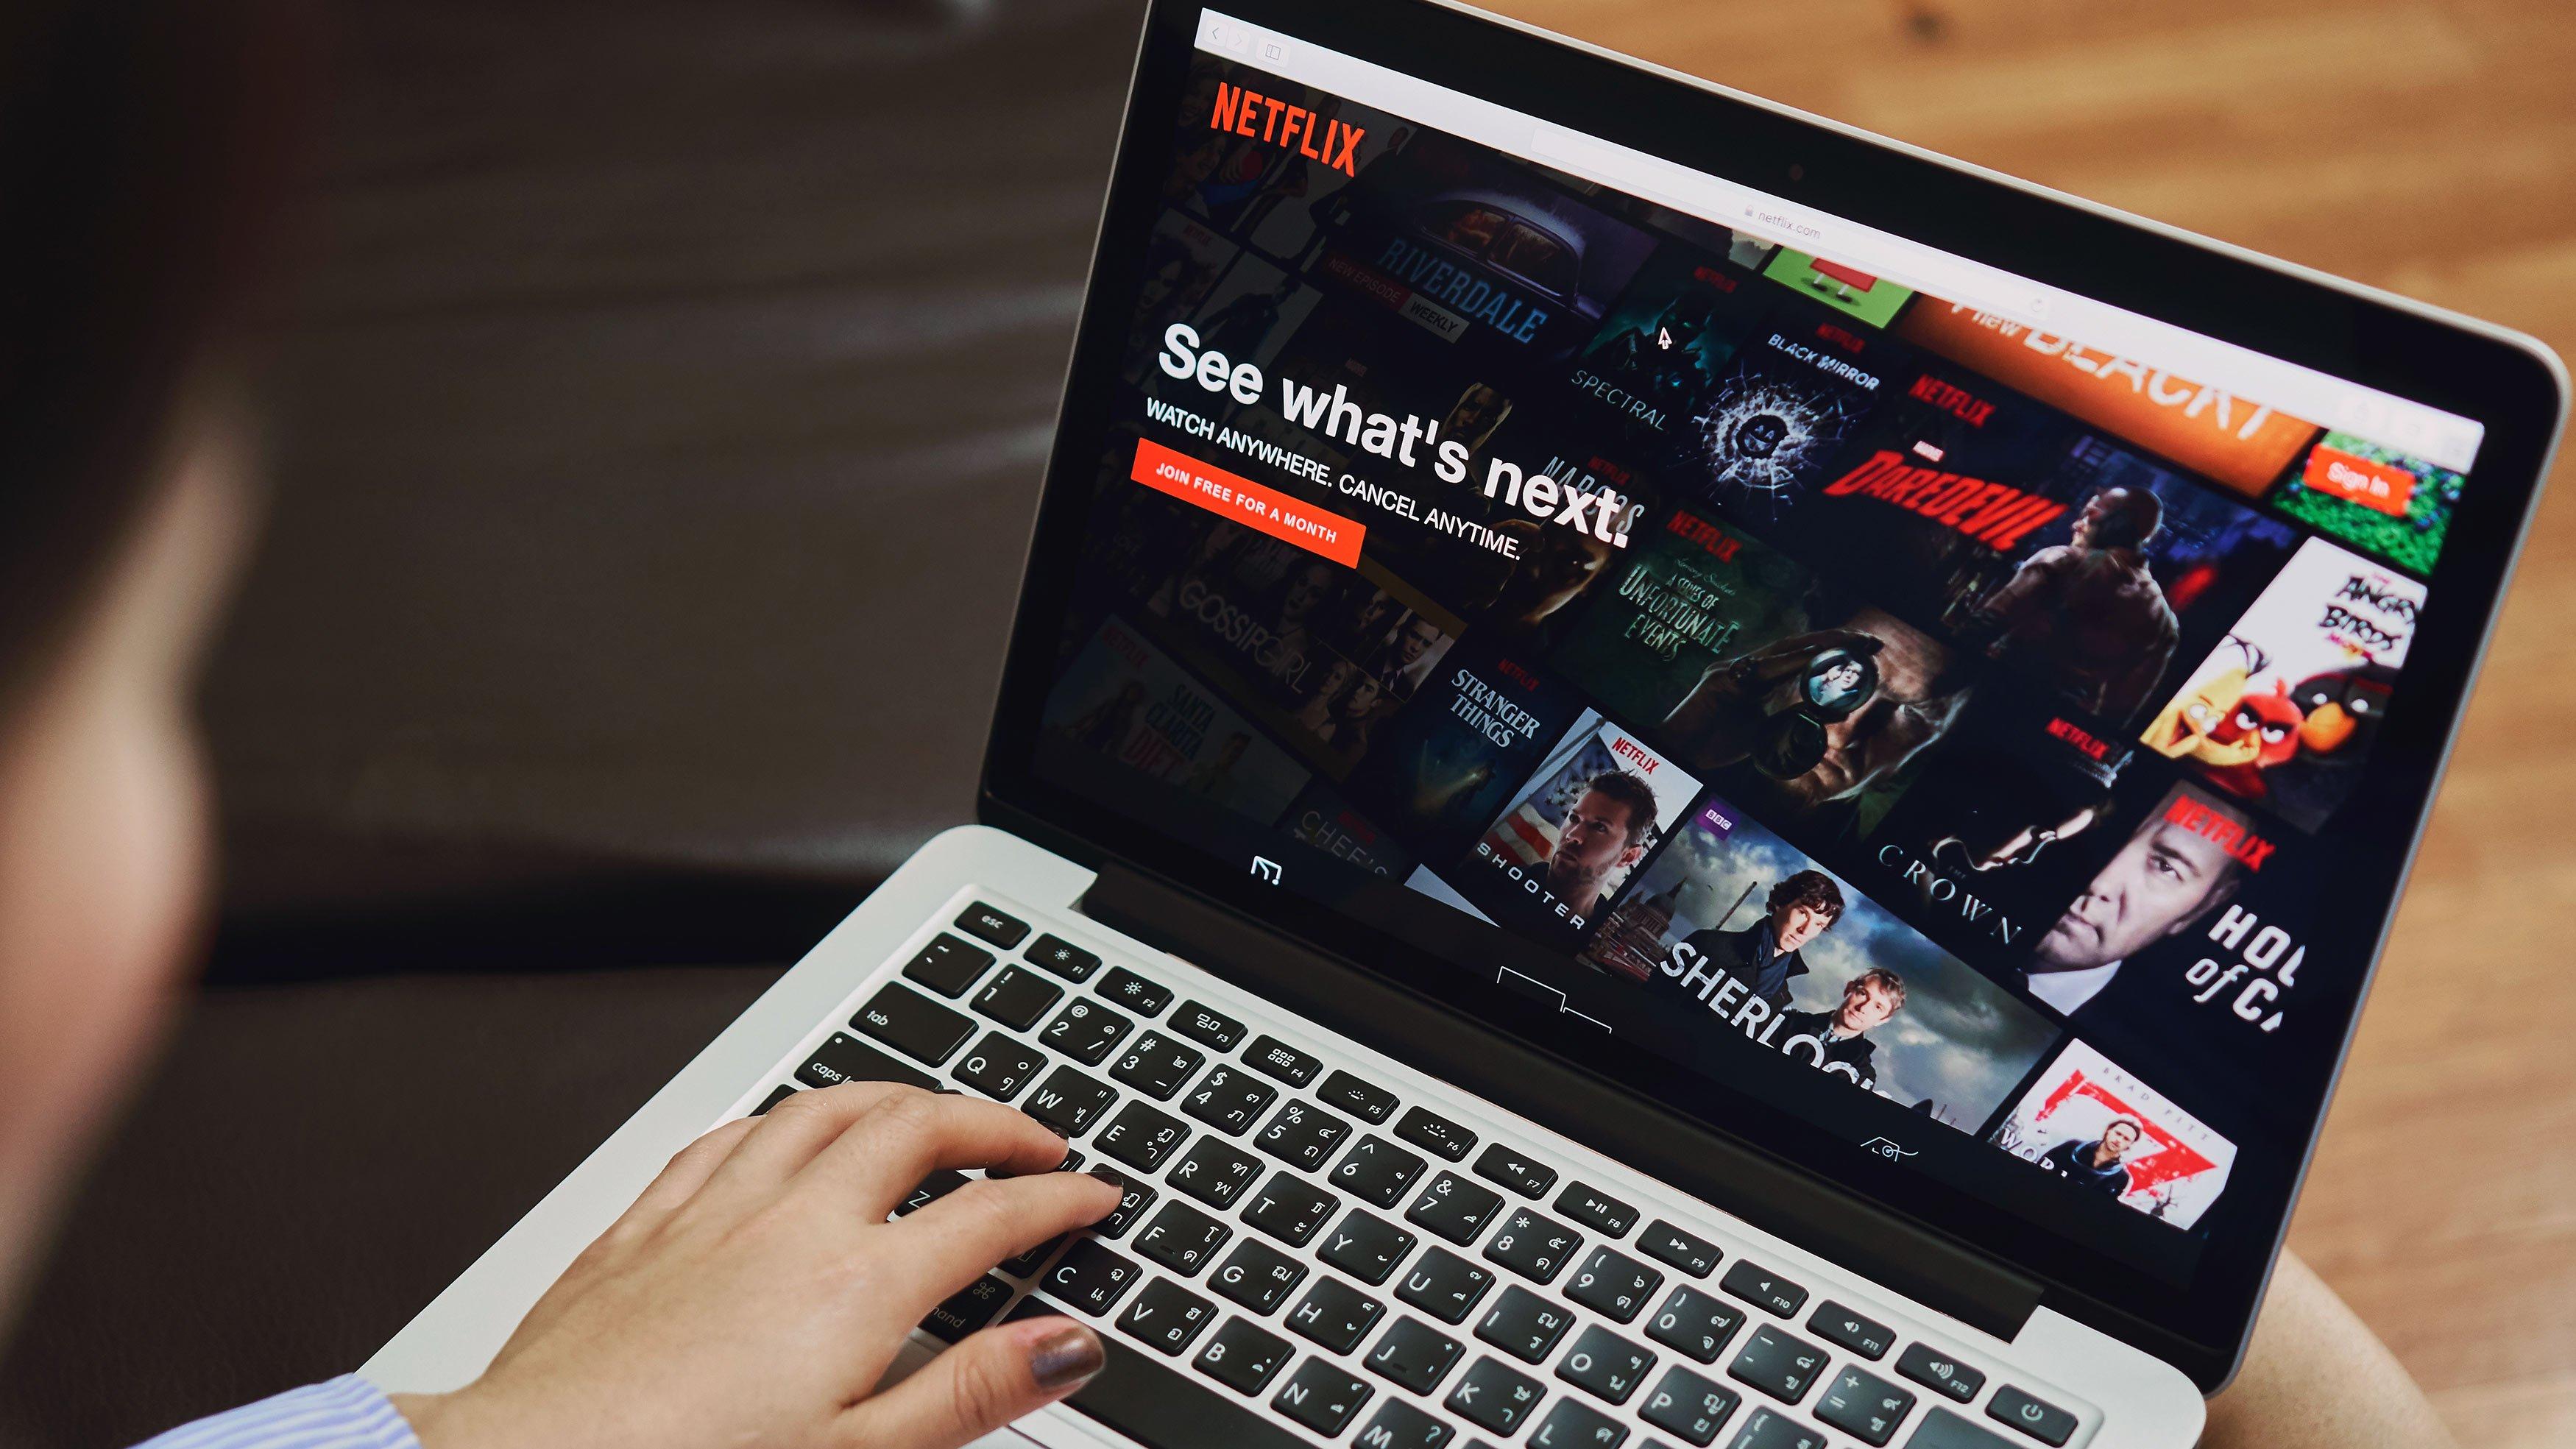 <html>  <head></head>  <body>   <p>Devenir bilingue en regardant Netflix, c'est maintenant possible ! Ou du moins, c'est plus simple grâce à une toute nouvelle extension Chrome. Grâce à Learning Languages with Netflix, vous pouvez utiliser les séries et les films Netflix comme matériel pédagogique. Comment fonctionne l'extension Learning Languages with Netflix ? Comment apprendre une langue étrangère sur Netflix ? On vous dit tout.</p>   </body> </html>